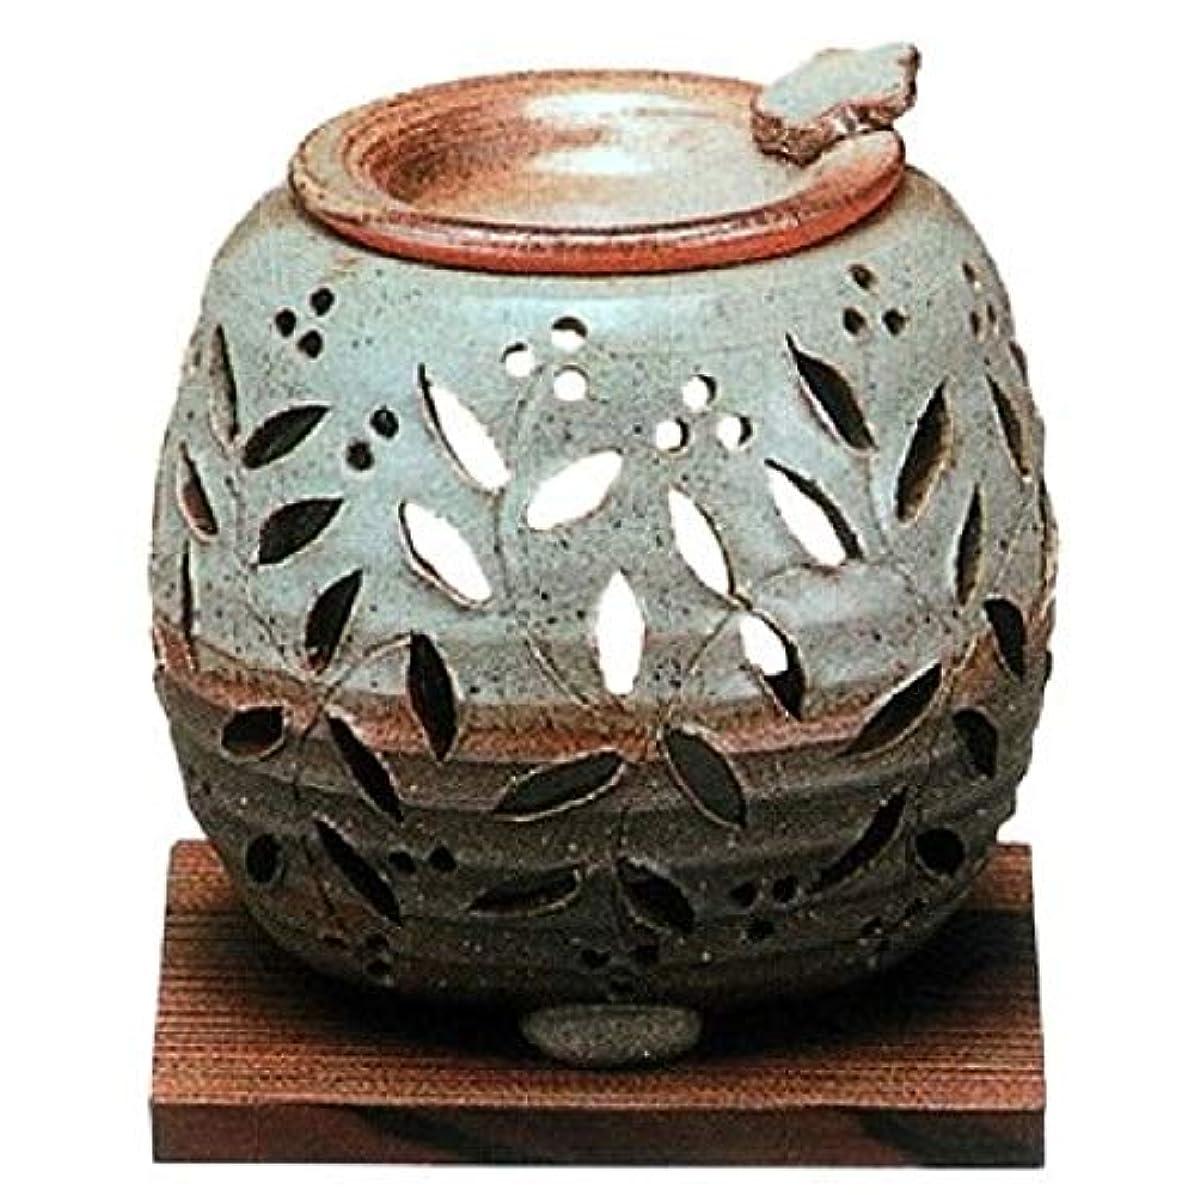 バラバラにする暴露する翻訳【常滑焼】石龍 緑灰釉花透かし彫り茶香炉 灰釉花透かし  φ11×H11㎝ 3-829